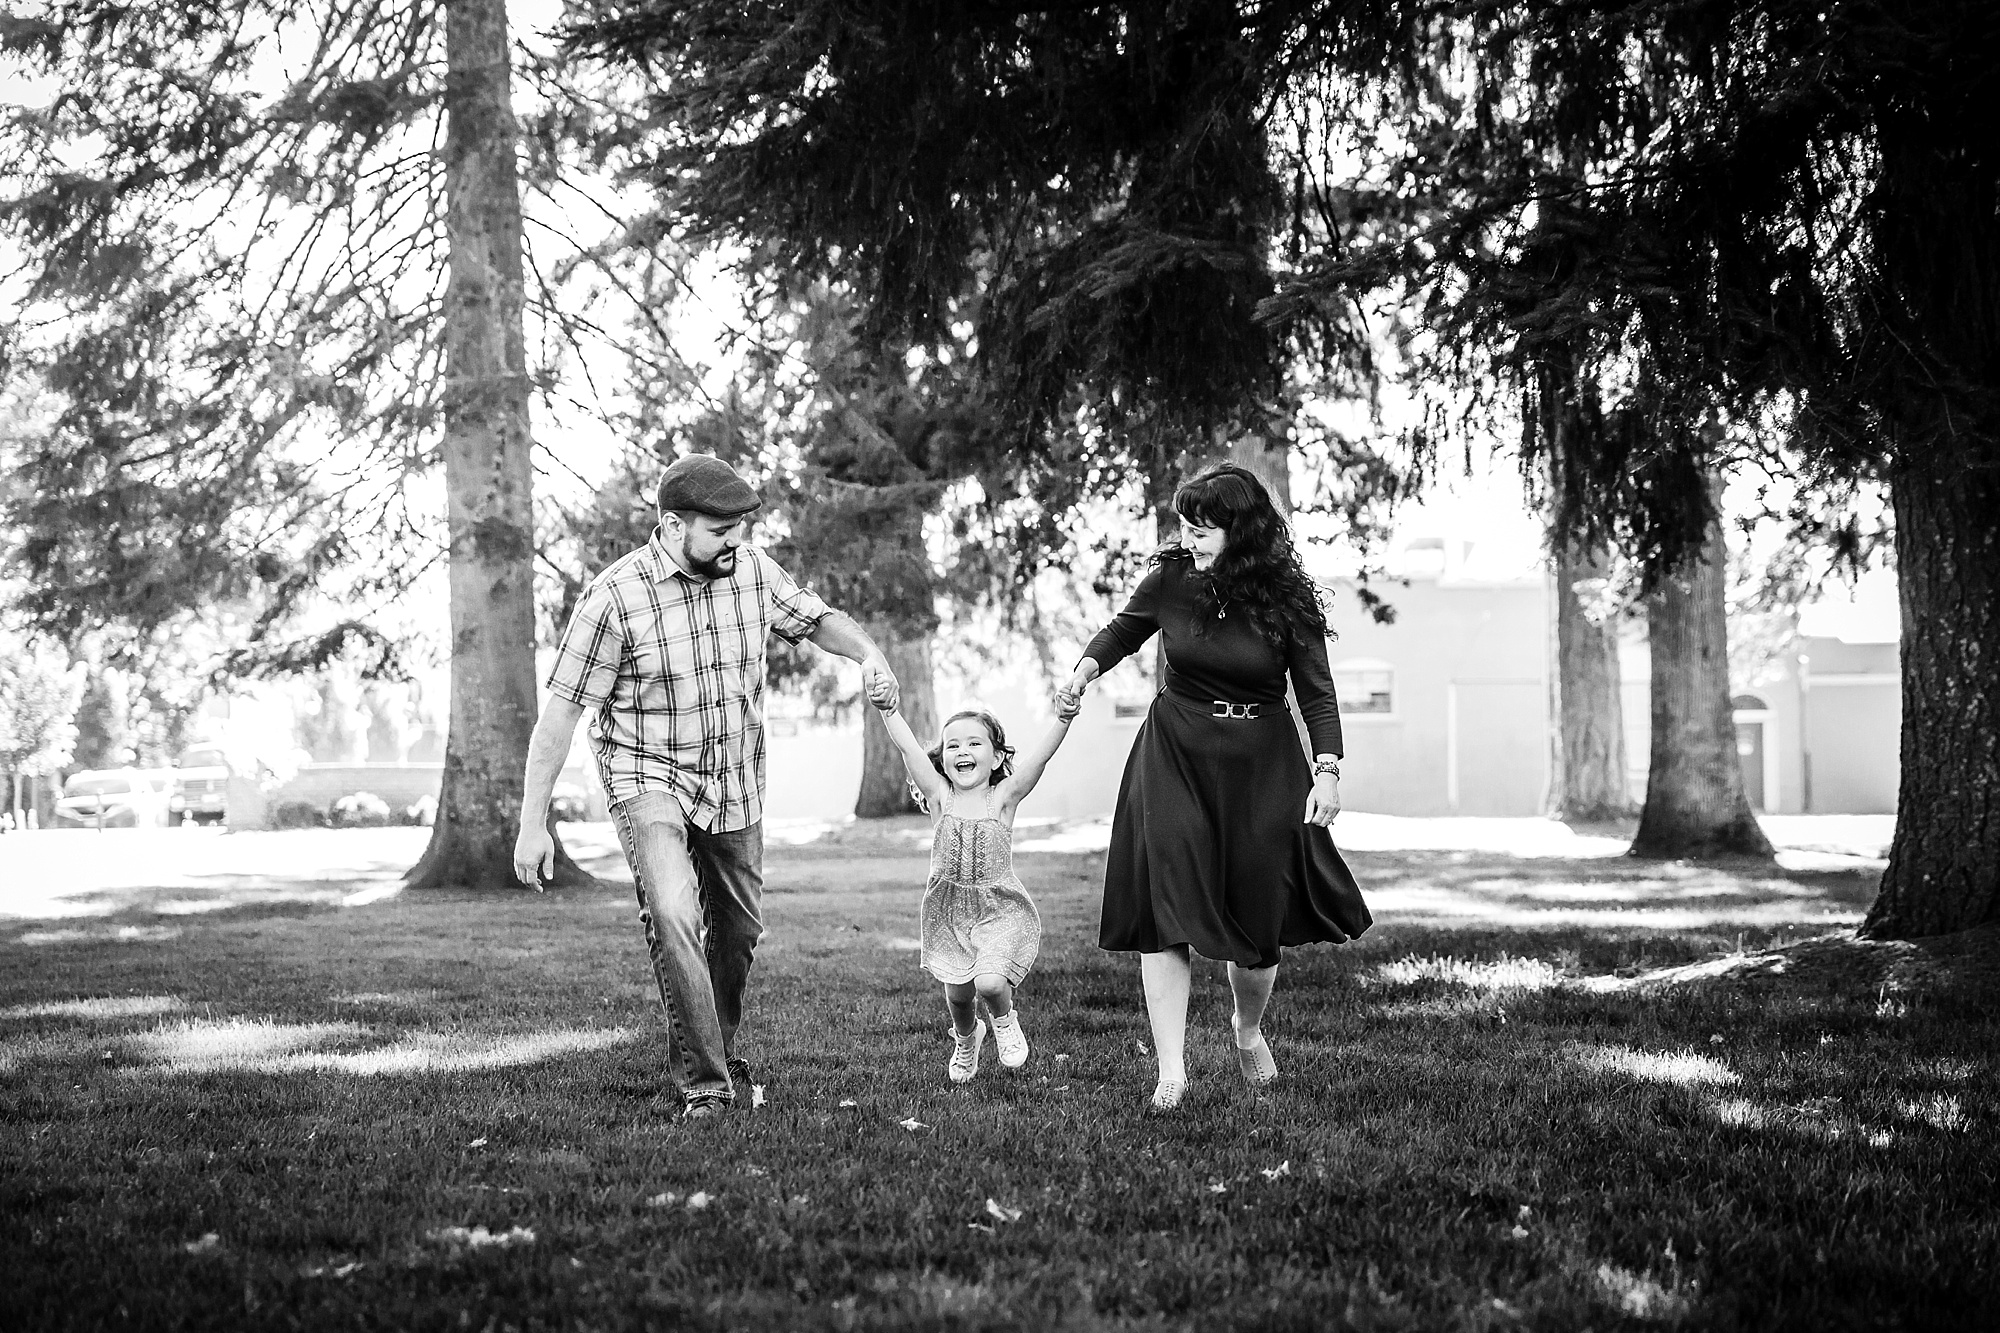 Forest_Grove_Oregon_Family_Photos_Hunnicutt_Photography_0005